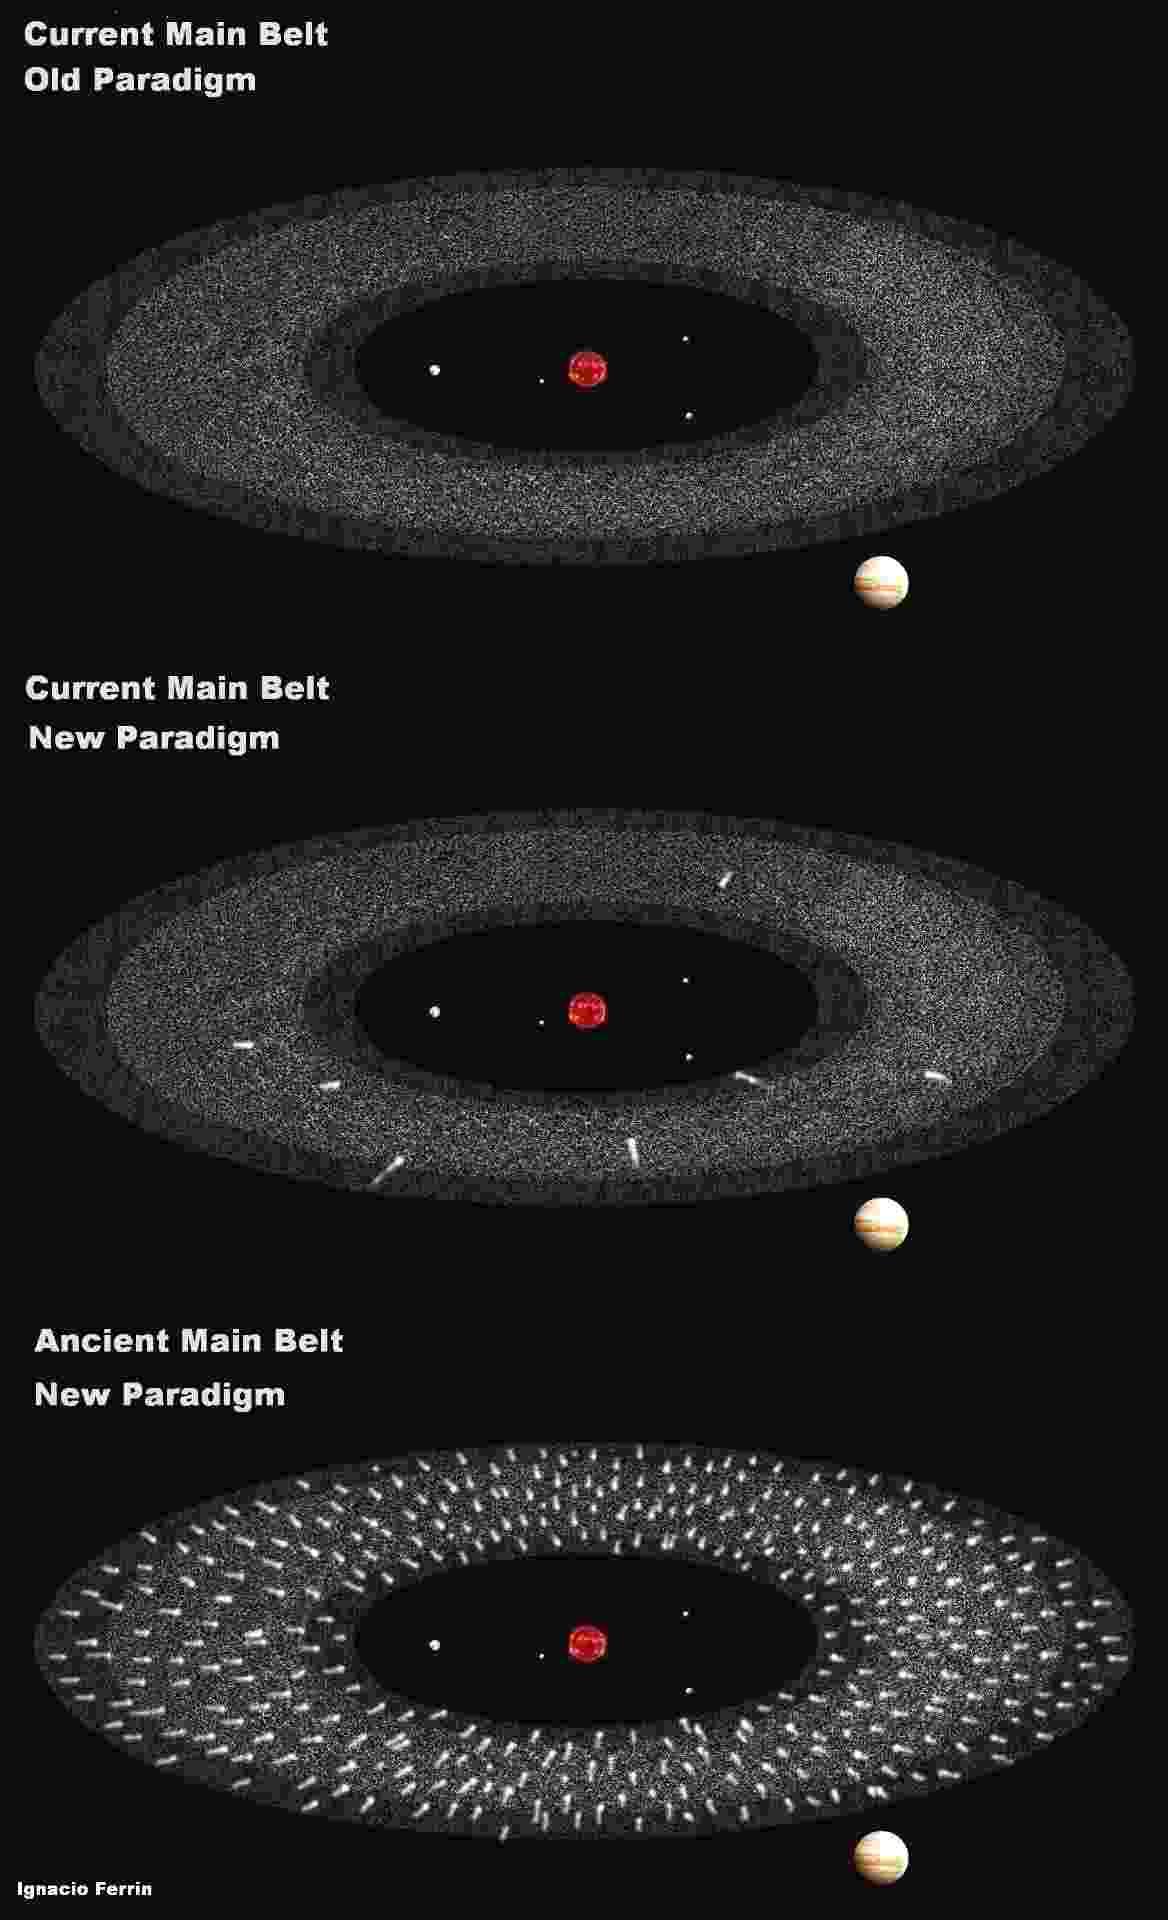 """2.ago.2013 - Astrônomos colombianos descobriram que o cinturão de asteroides do Sistema Solar, que fica entre Marte e Júpiter, abriga um enorme """"cemitério"""" de cometas - e que, ao menos, 12 cometas ficaram ativos na última década nessa região (ilustração central). Segundo Ignacio Ferrin, os cometas podem """"voltar"""" à vida devido à proximidade com o Sol, causando uma vigorosa atividade no cinturão - Ignacio Ferrin/University of Antioquia"""